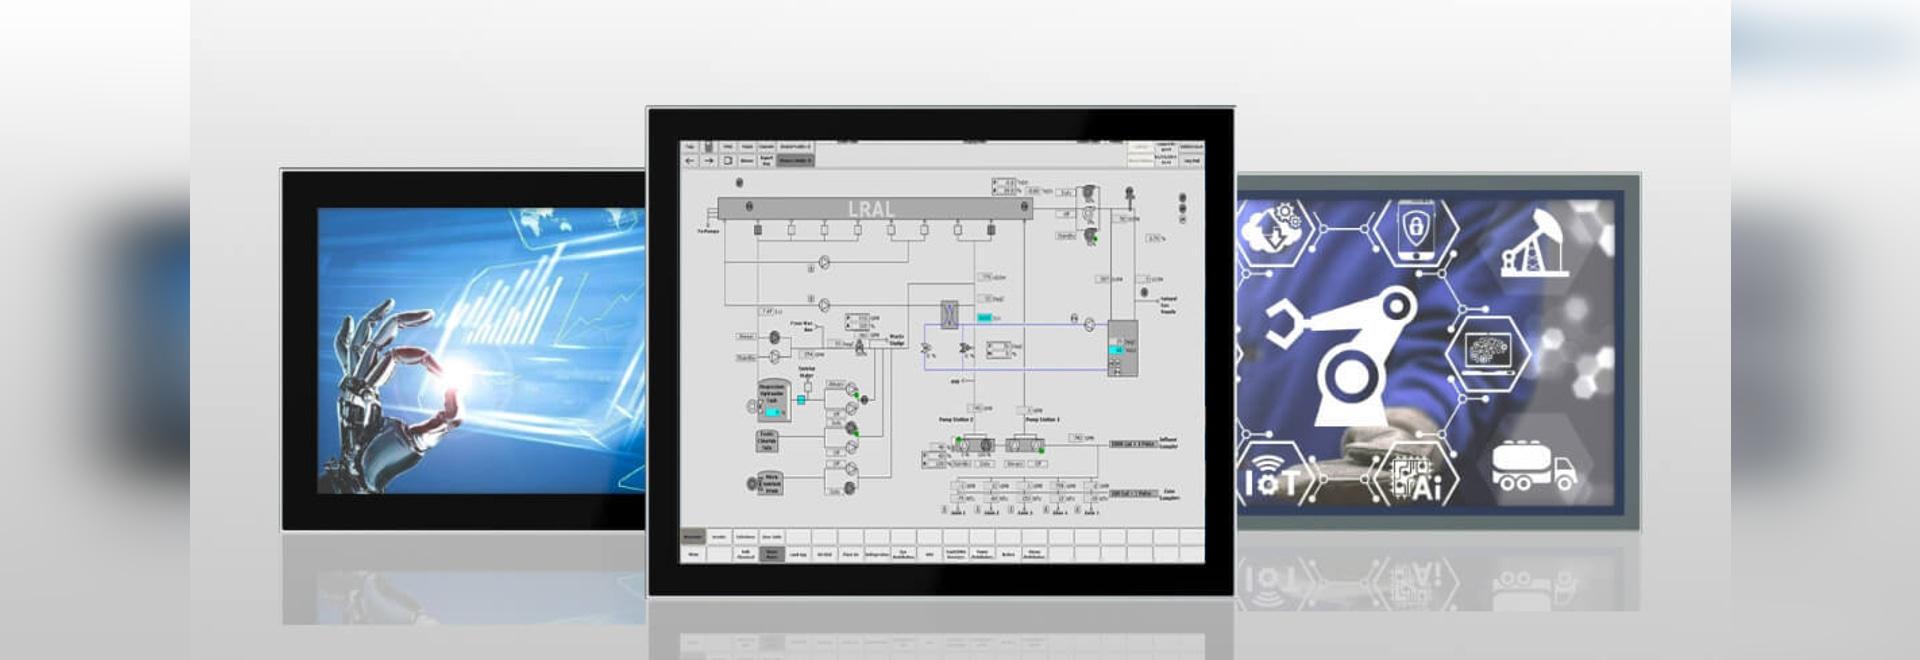 TAICENN Gamme complète de PC à écran tactile